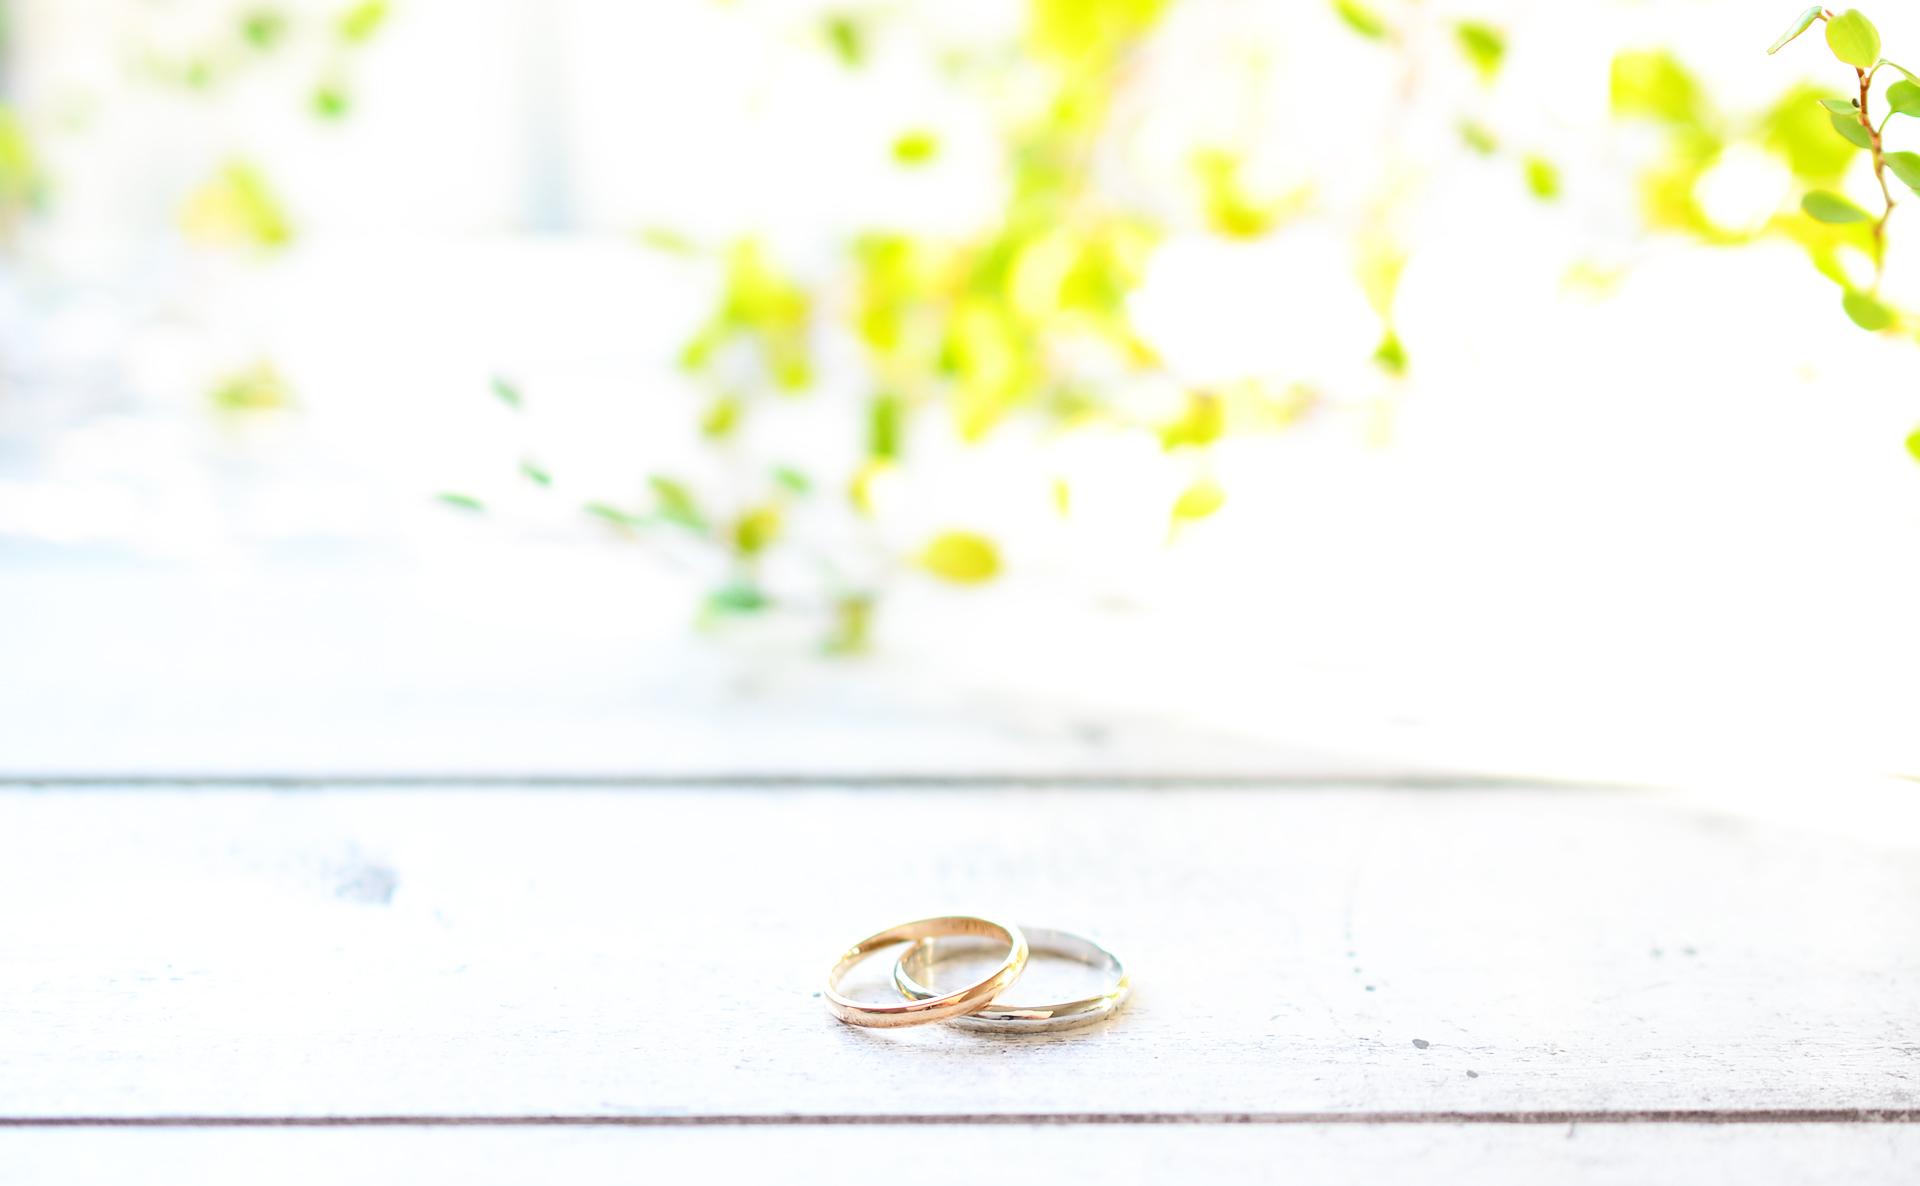 ずっと使う結婚指輪だから二人で心を込めて手作りしてみませんか